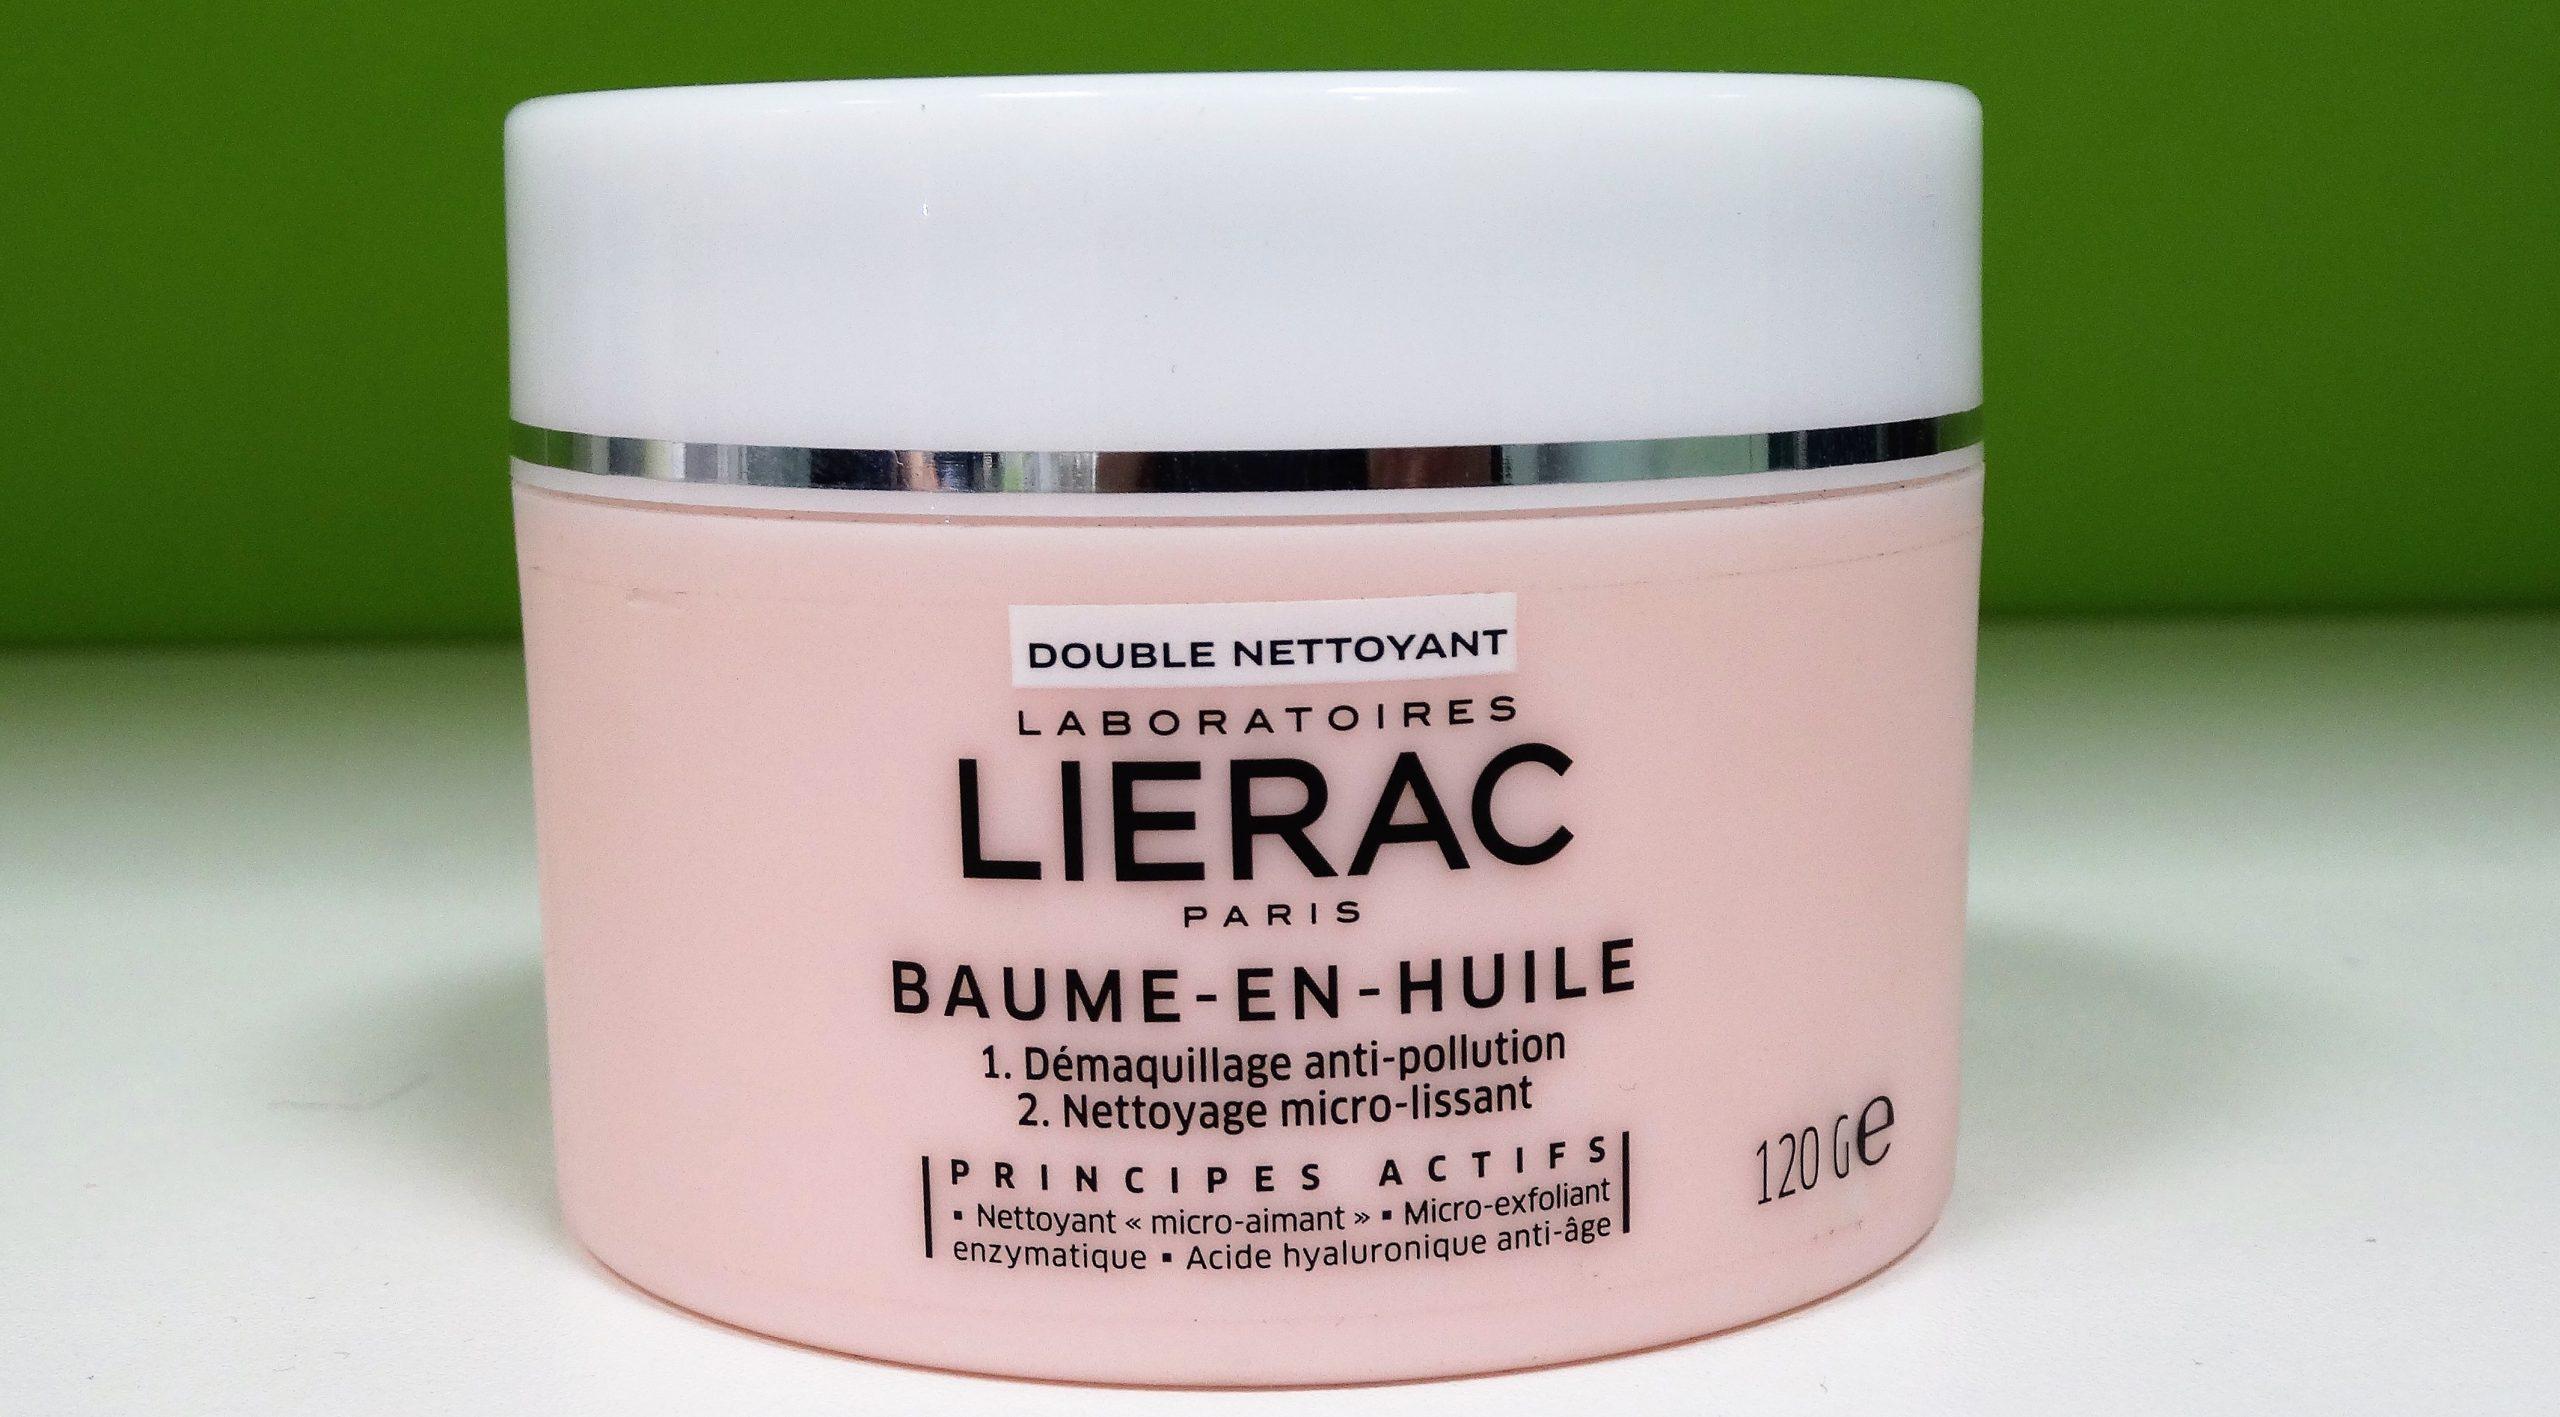 LIERAC Baume-en-huile Bálsamo en aceite Desmaquillante anticontaminación Limpieza microalisadora Con ácido hialurónico 120 g